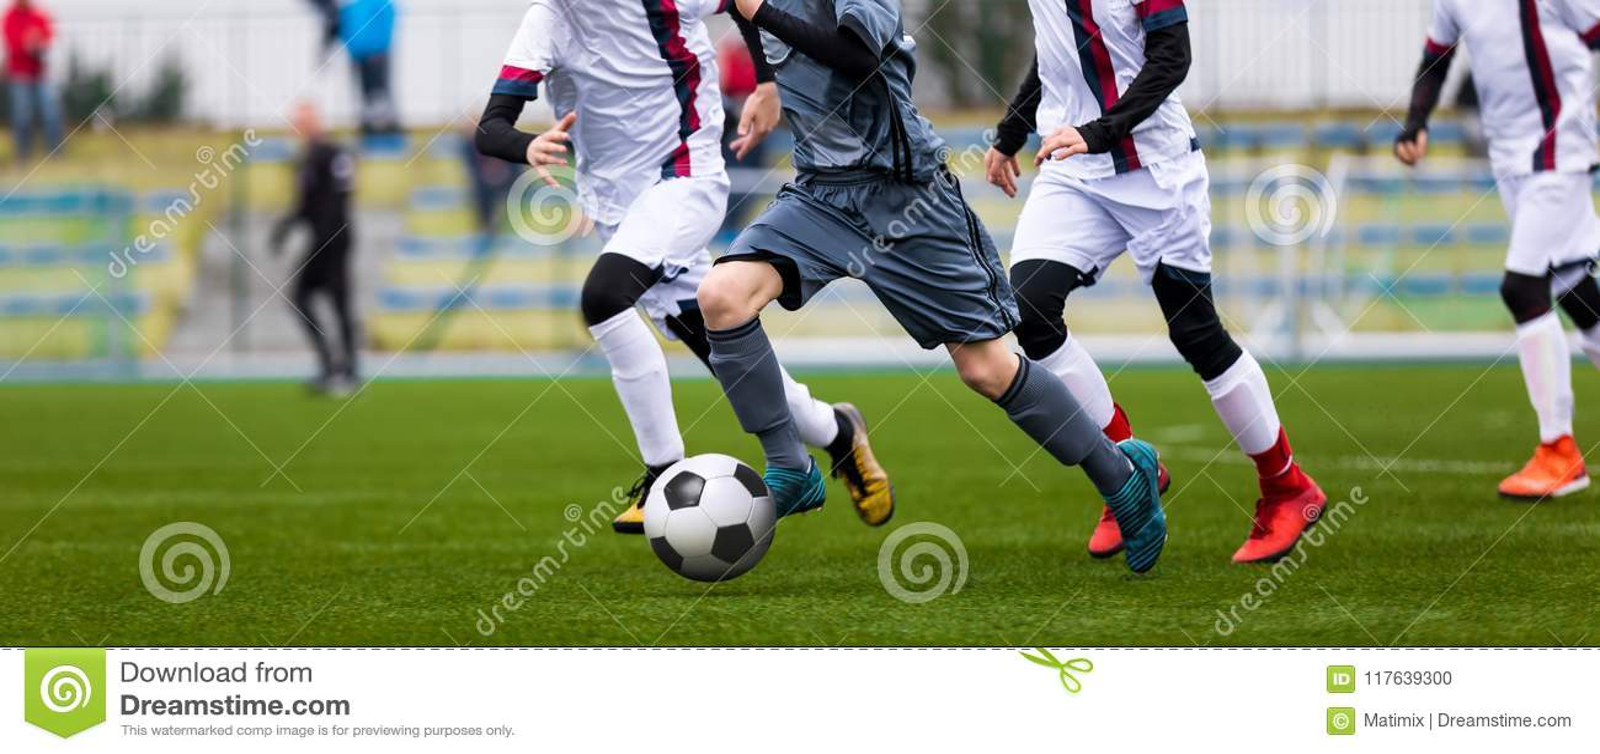 Juniorfußballspiel Fußball-Spiel für Jugend-Spieler Jungen, die Fußballspiel auf Fußballplatz spielen